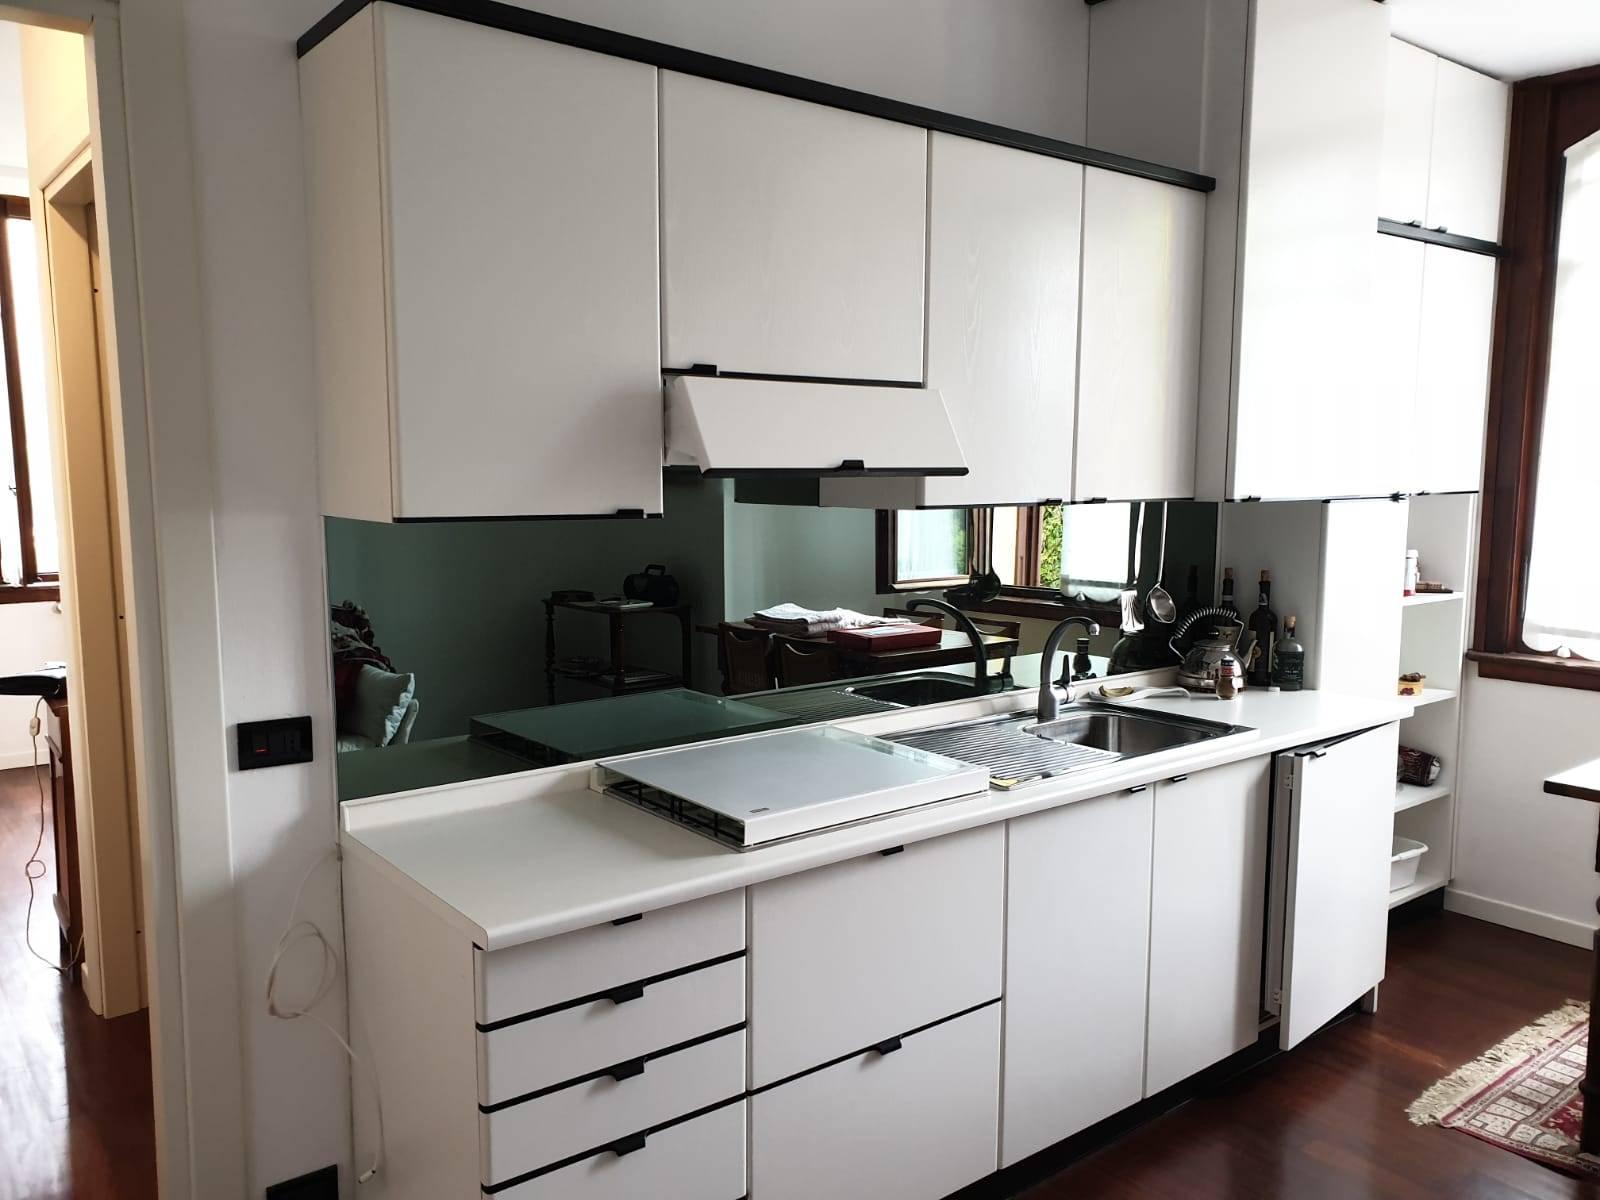 Appartamento in vendita a Roncobello, 2 locali, zona Località: Centrale, prezzo € 45.000 | CambioCasa.it